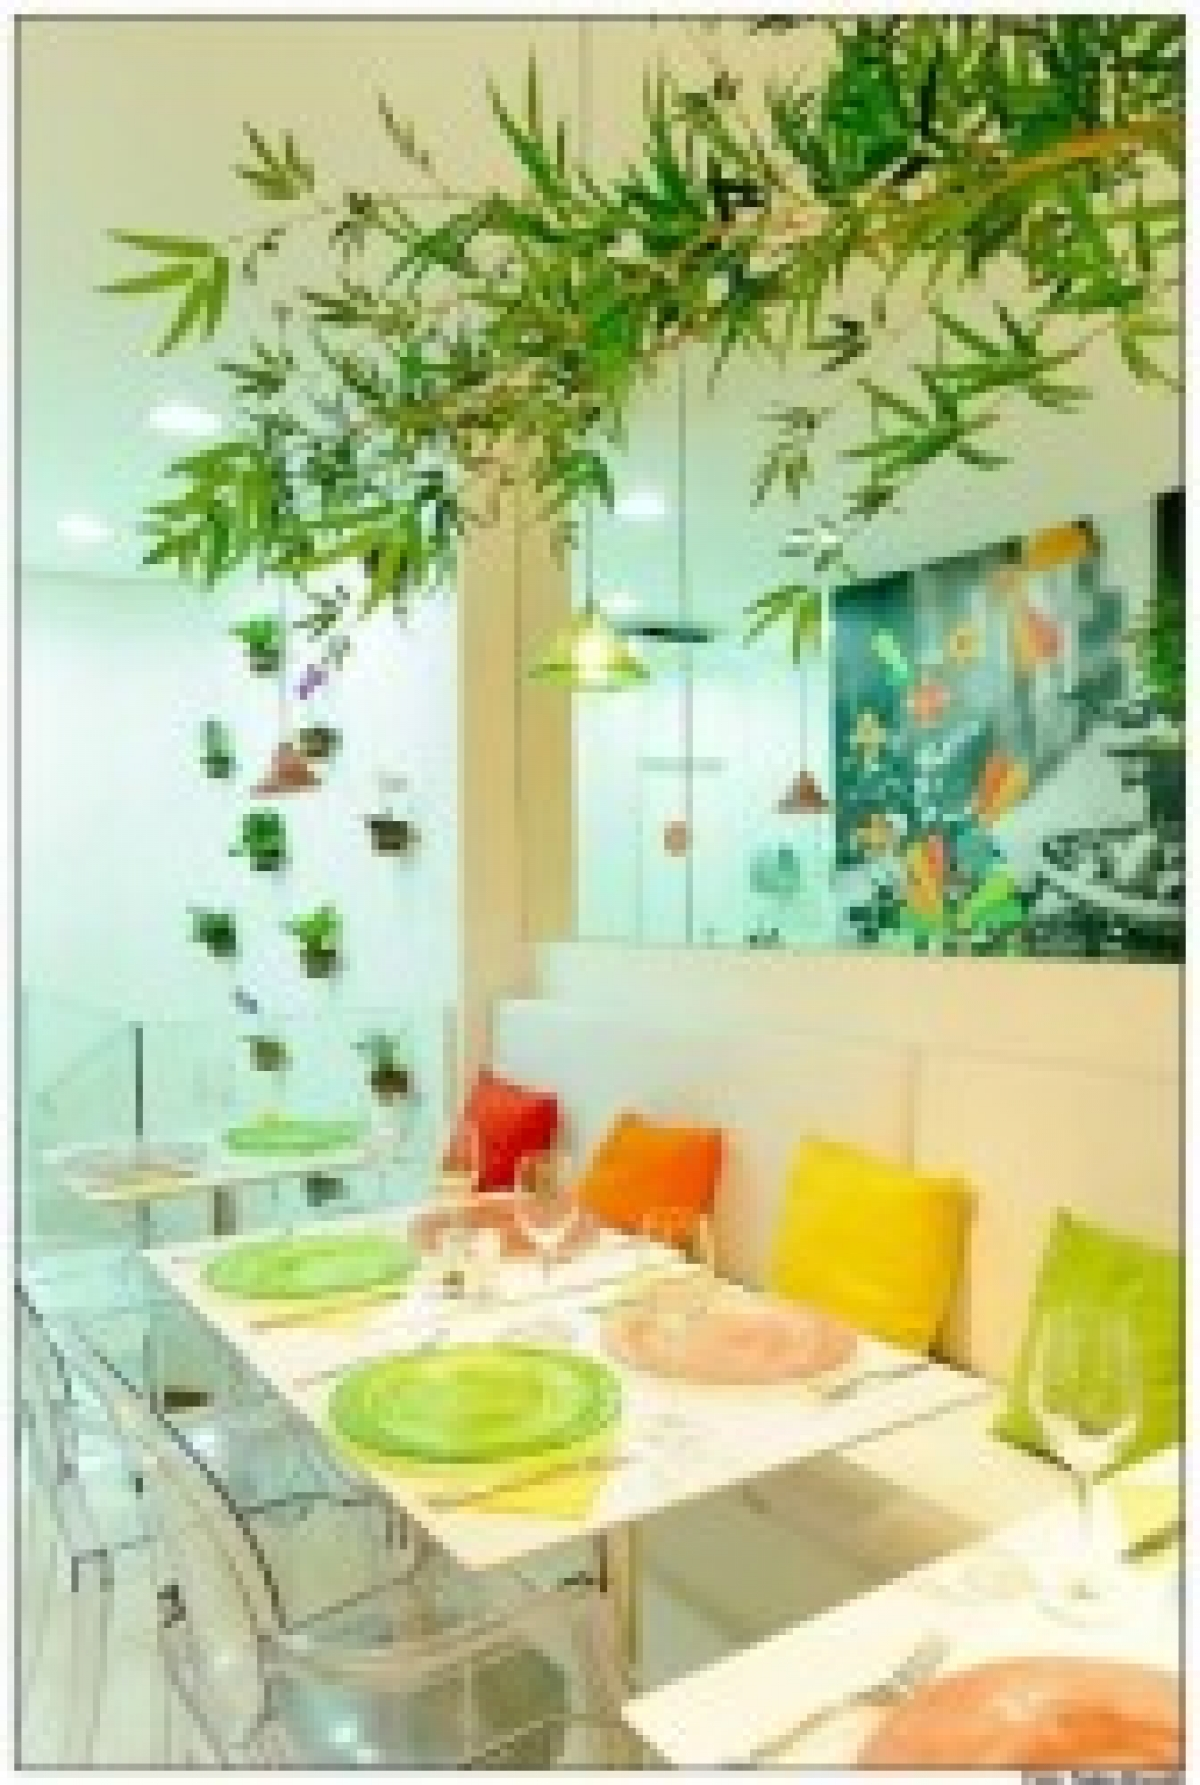 Restaurante conceito de Saladas gourmet no itaim